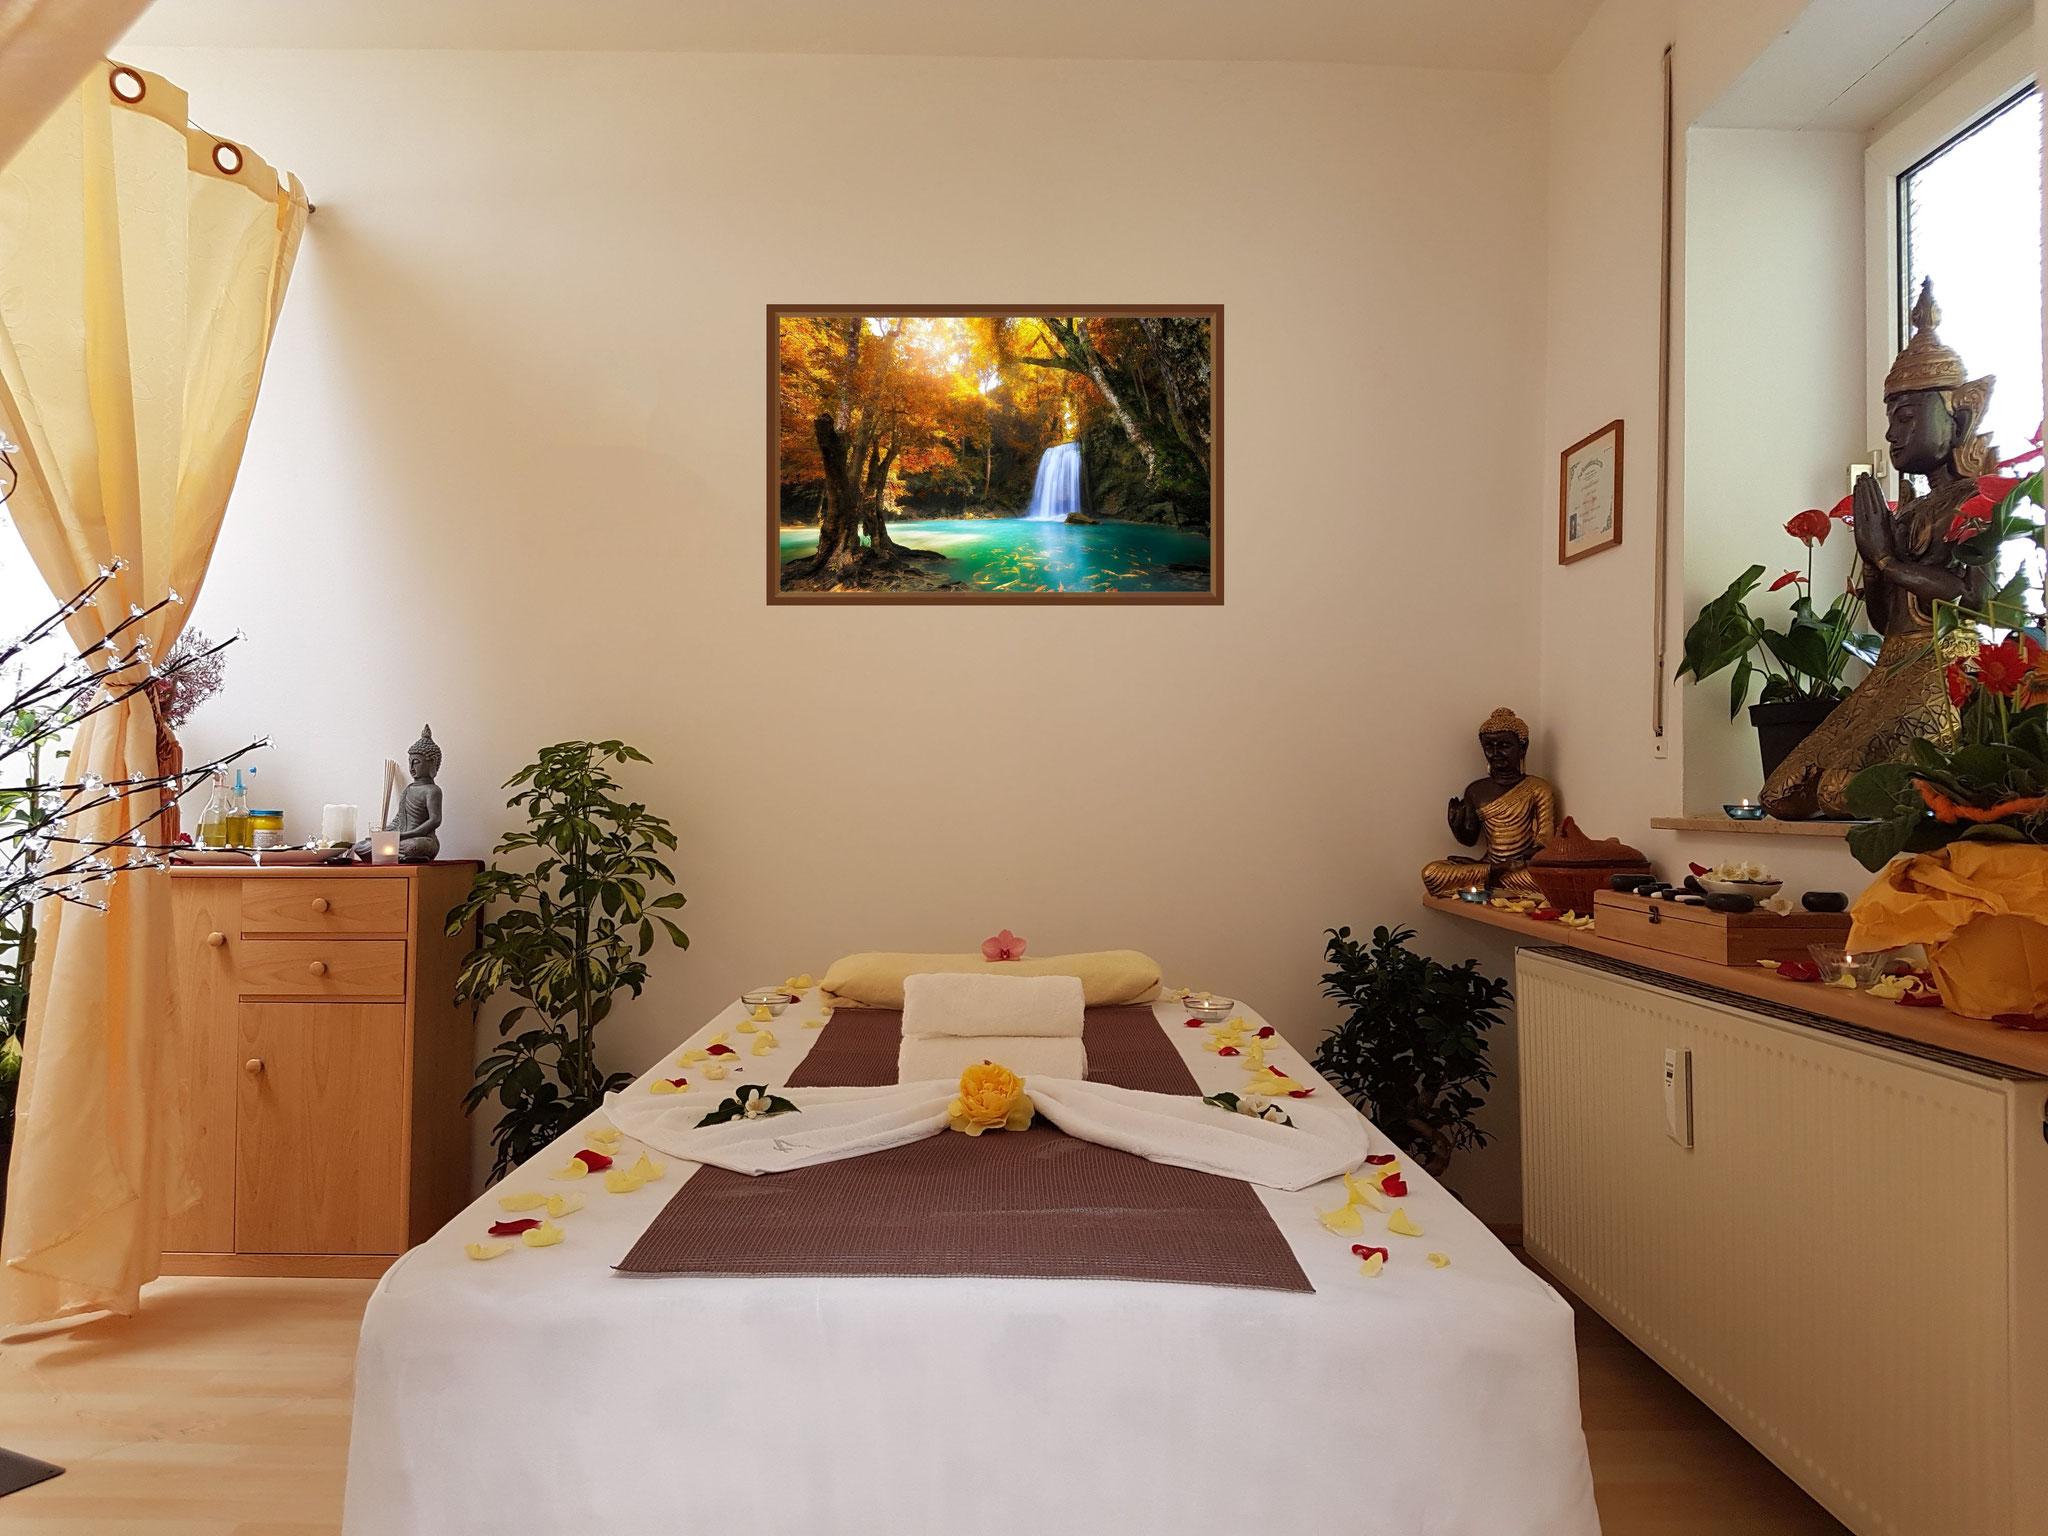 Langwasser nürnberg thai massage ▷ Thaimassage